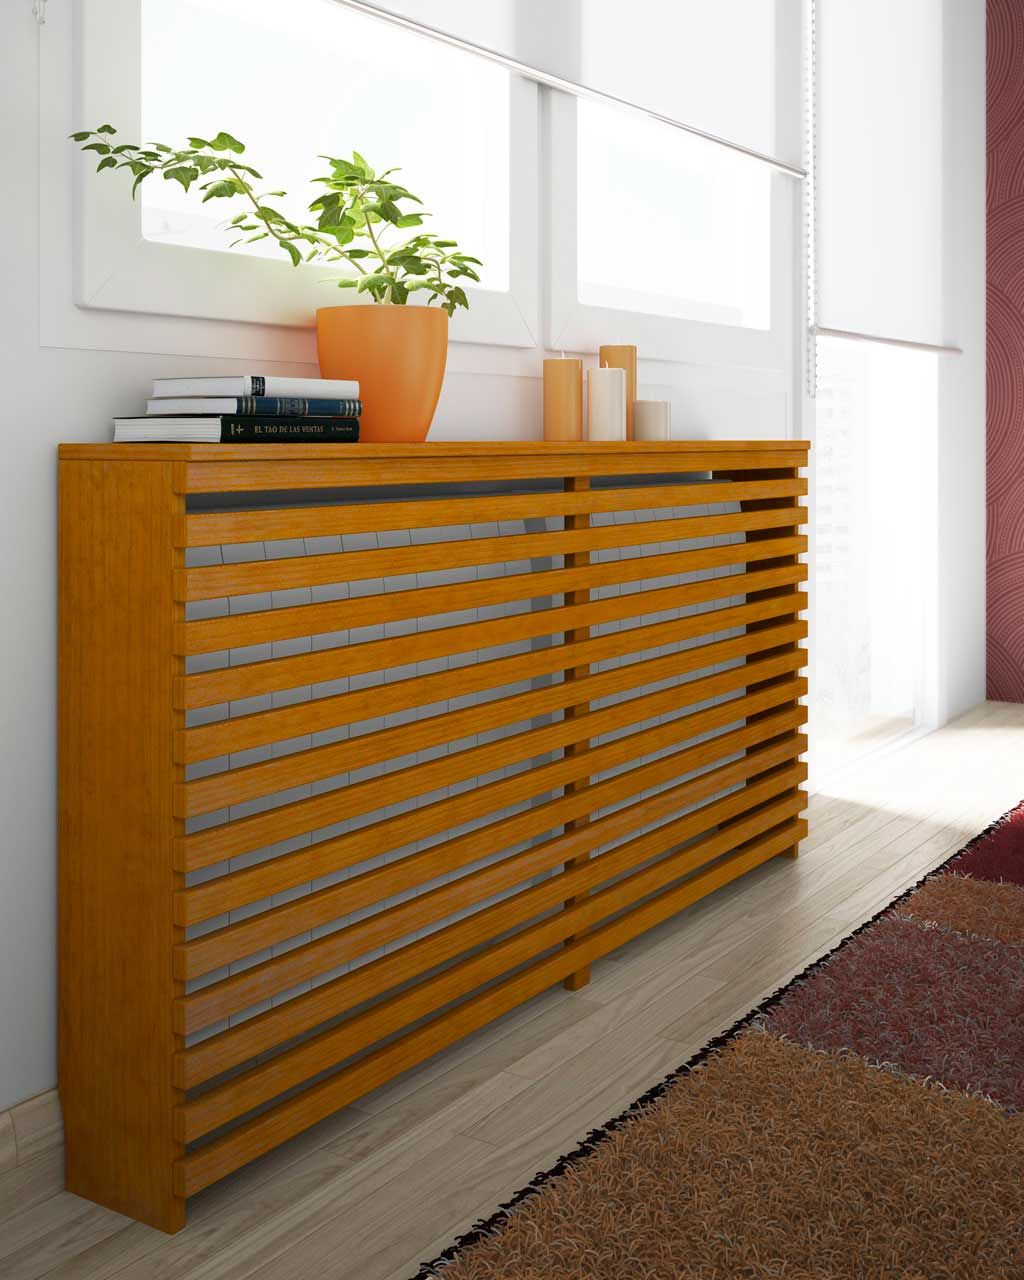 Cubreradiador Clasico Lamine Cubreradiadores Pinterest  # Muebles Cubreradiadores